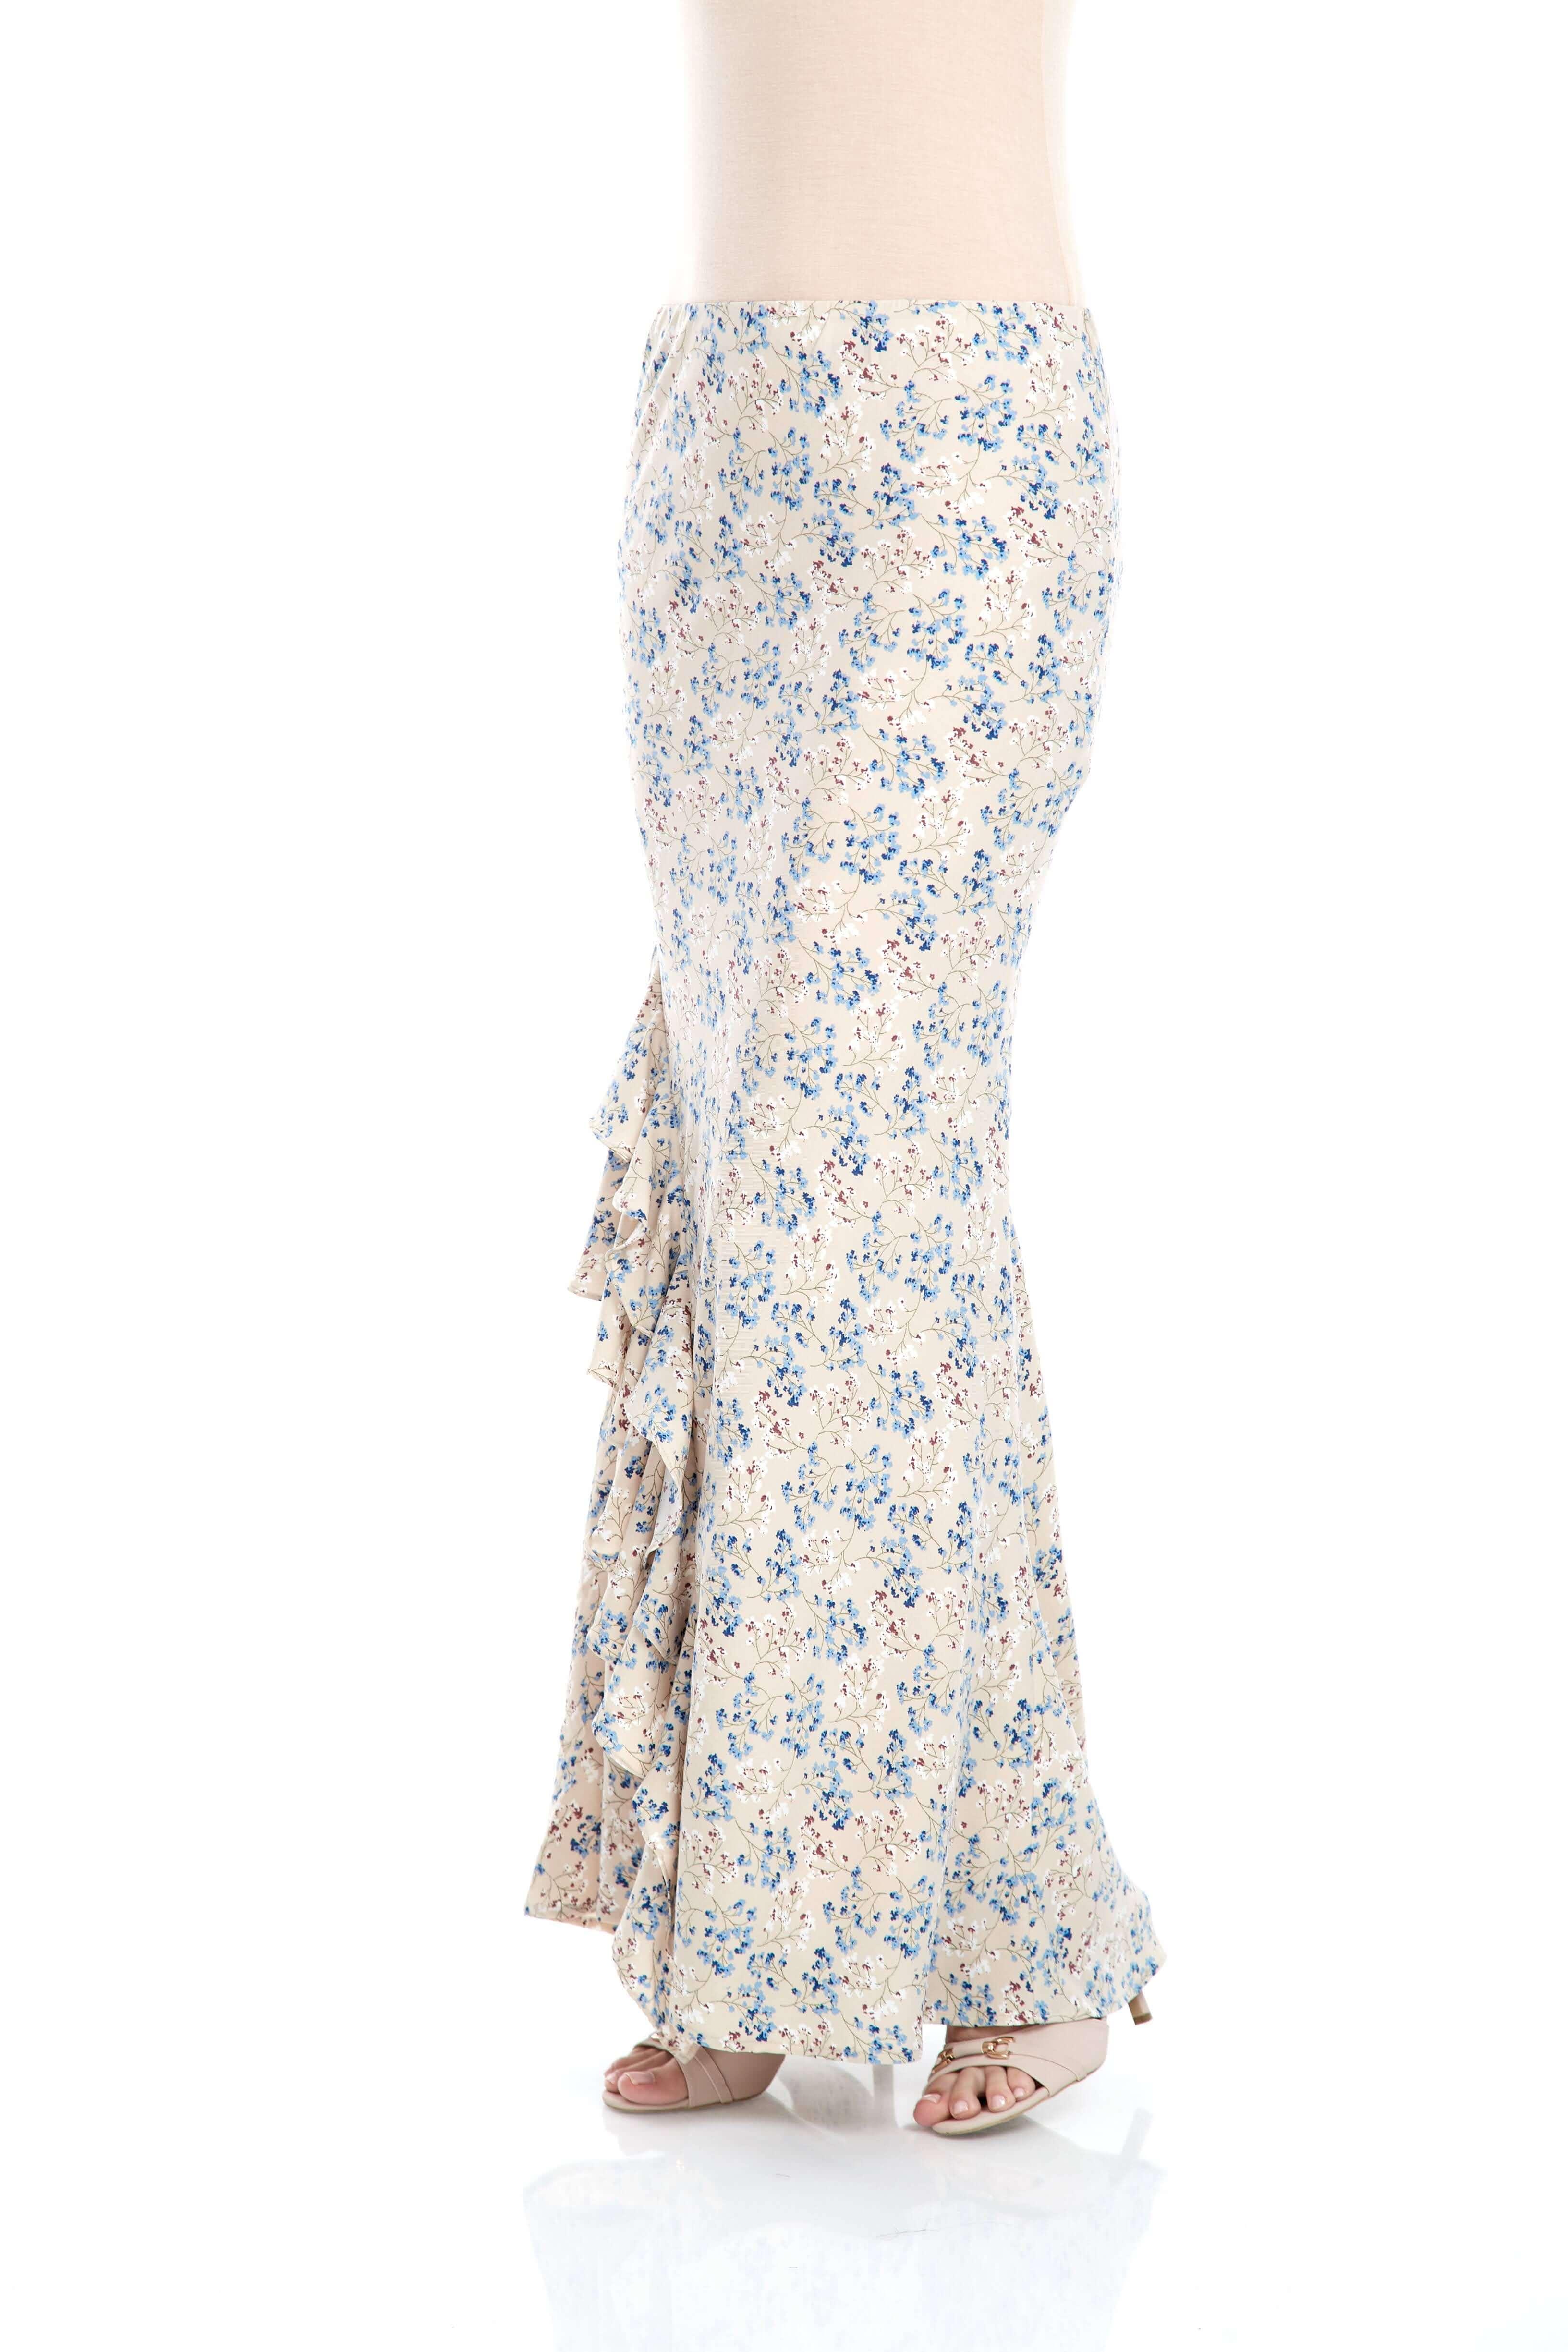 Beige Floral Ruffle Skirt (2)